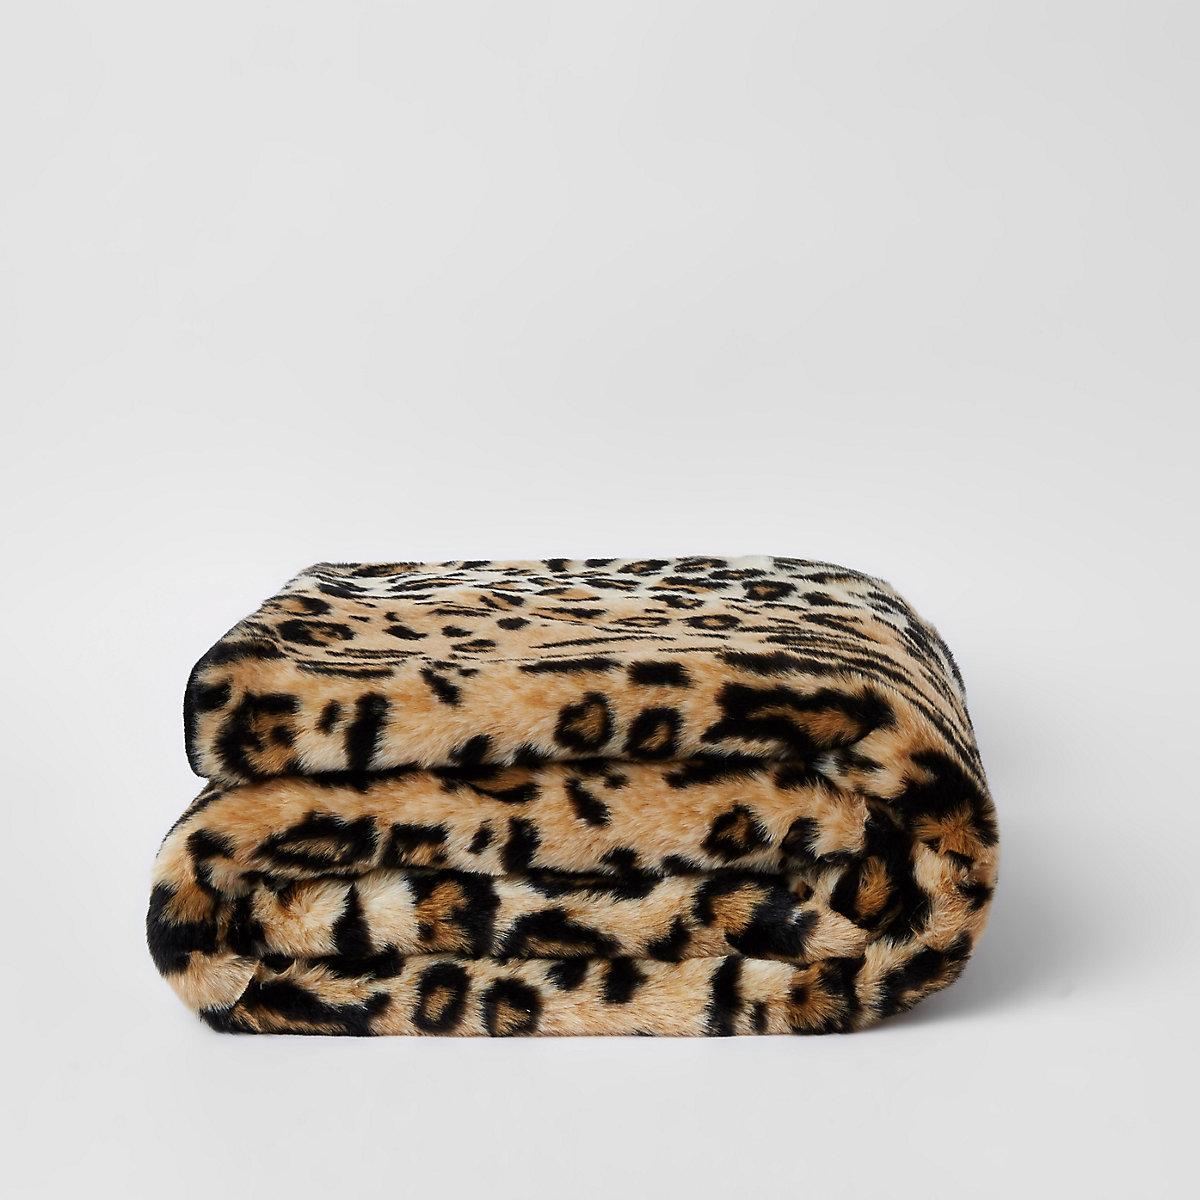 Leopard faux fur throw